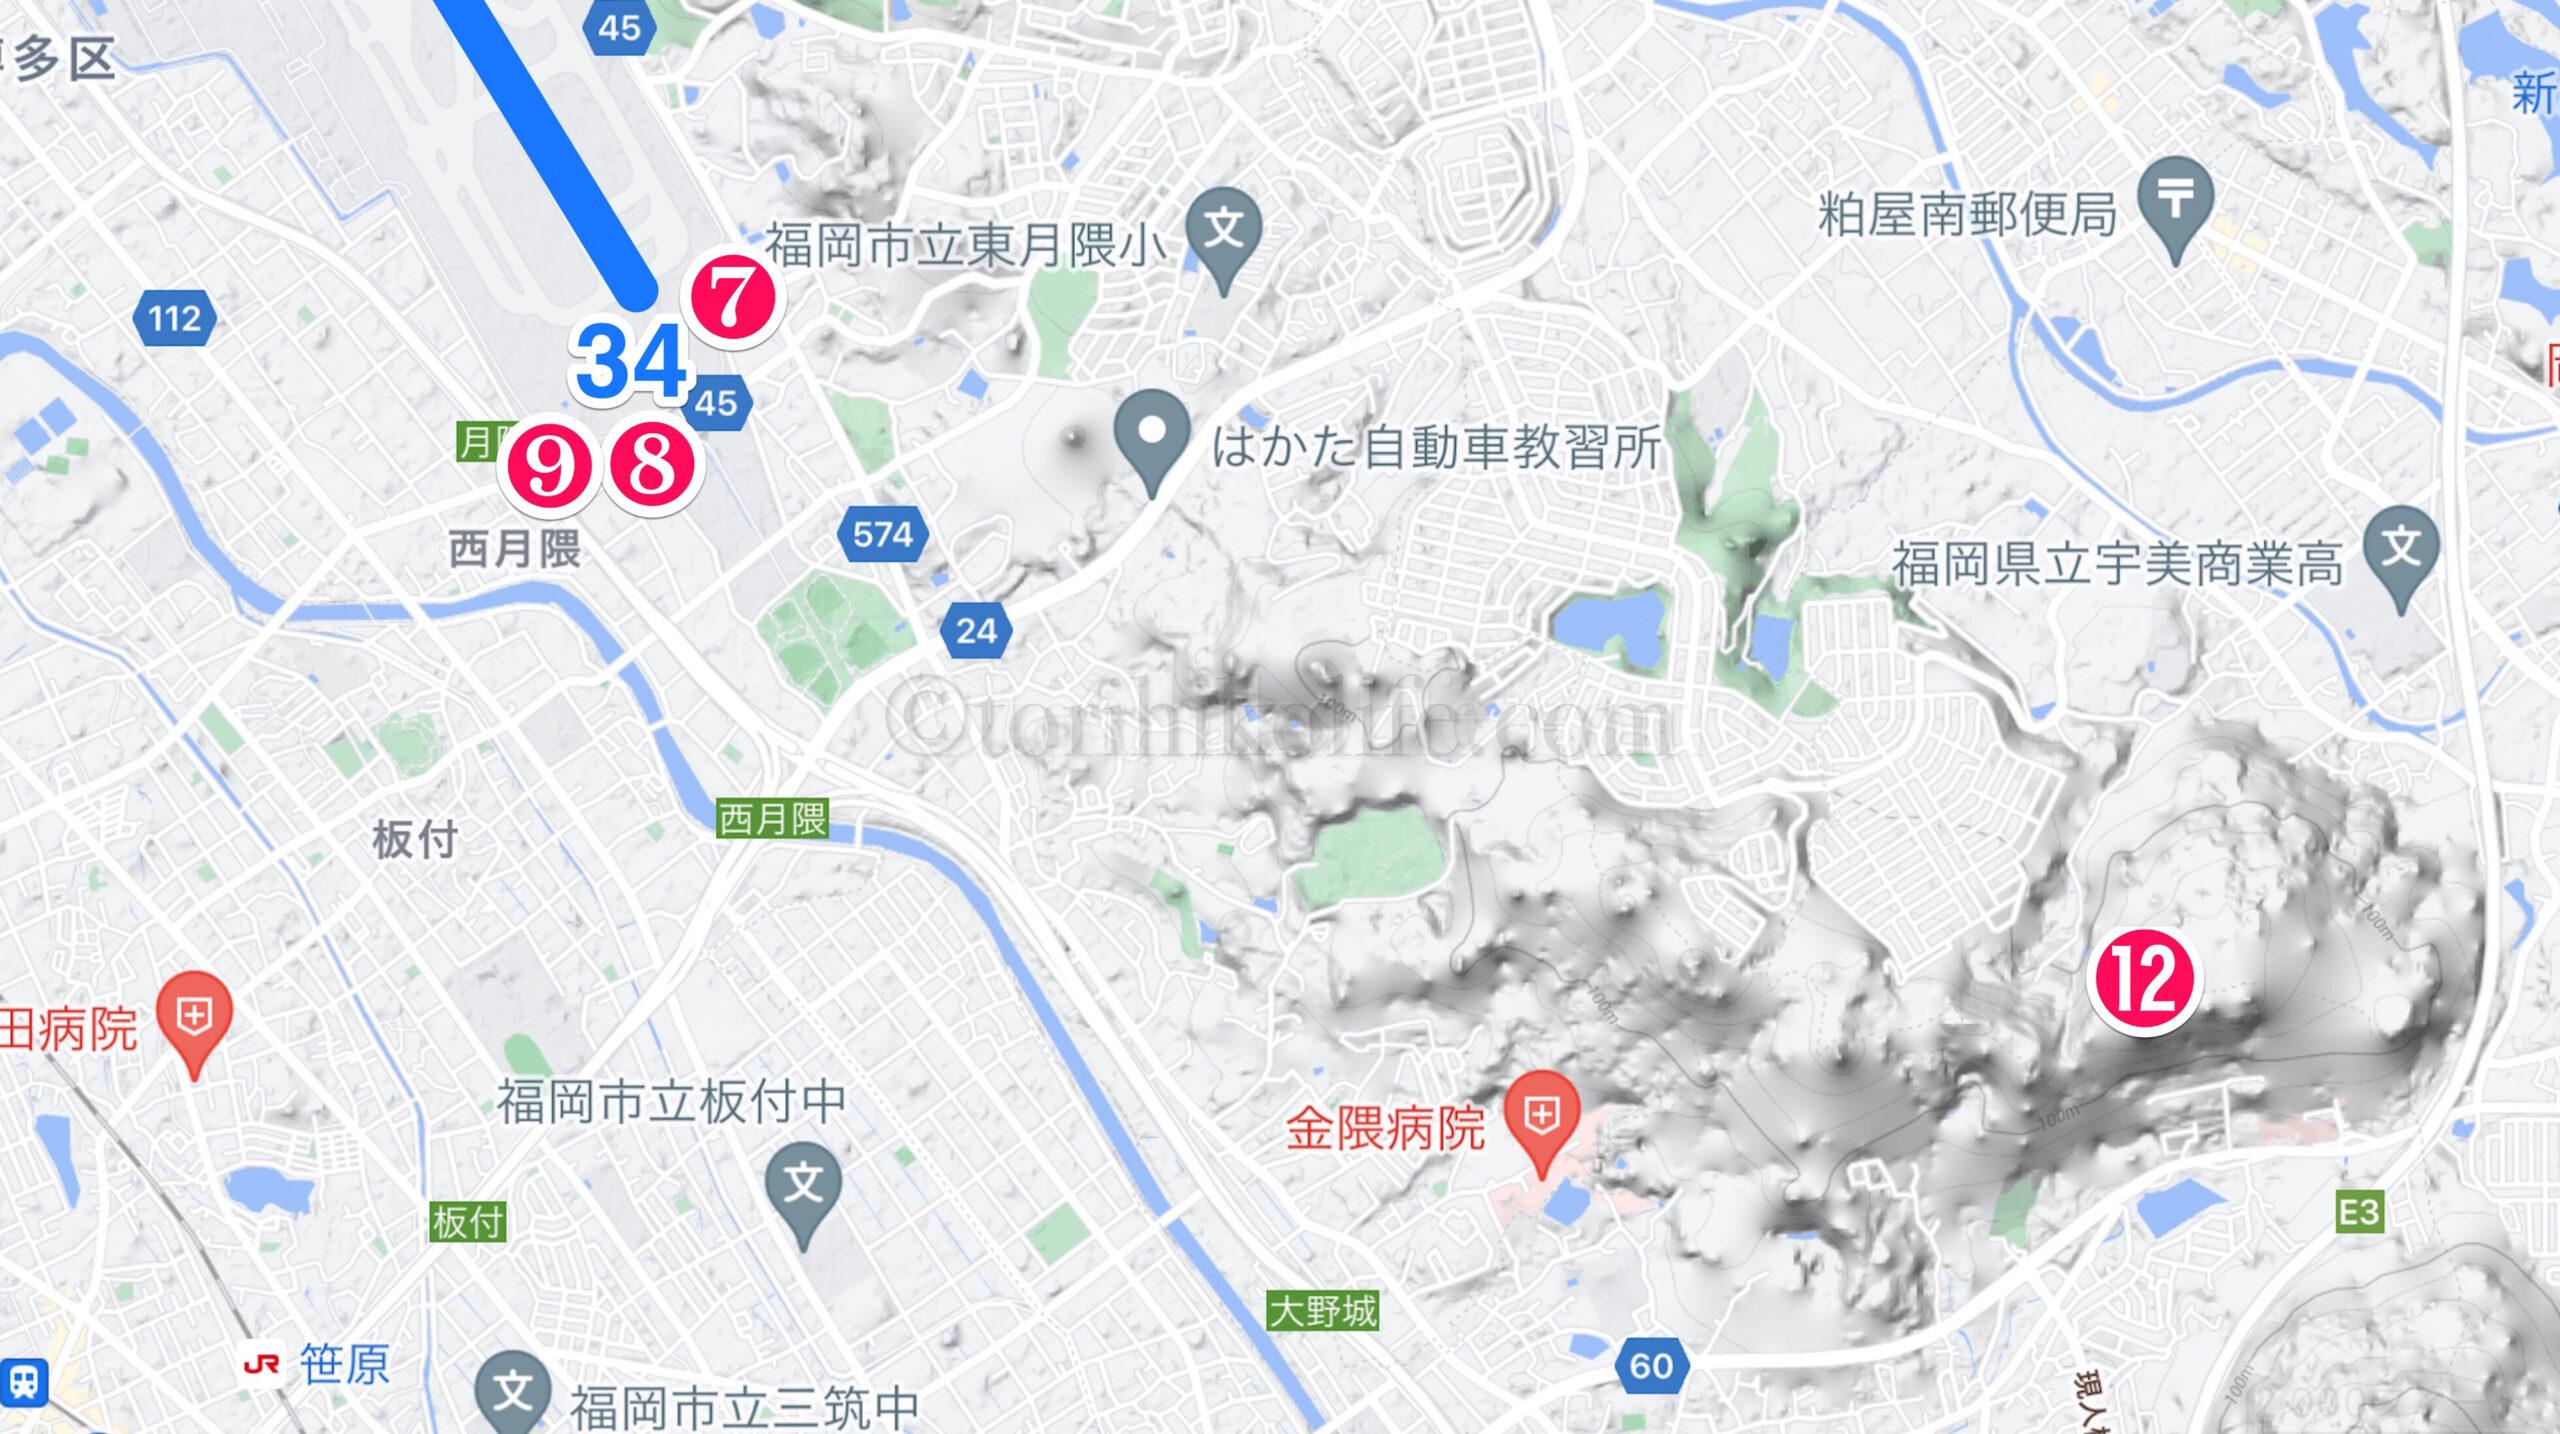 福岡空港撮影スポット地図